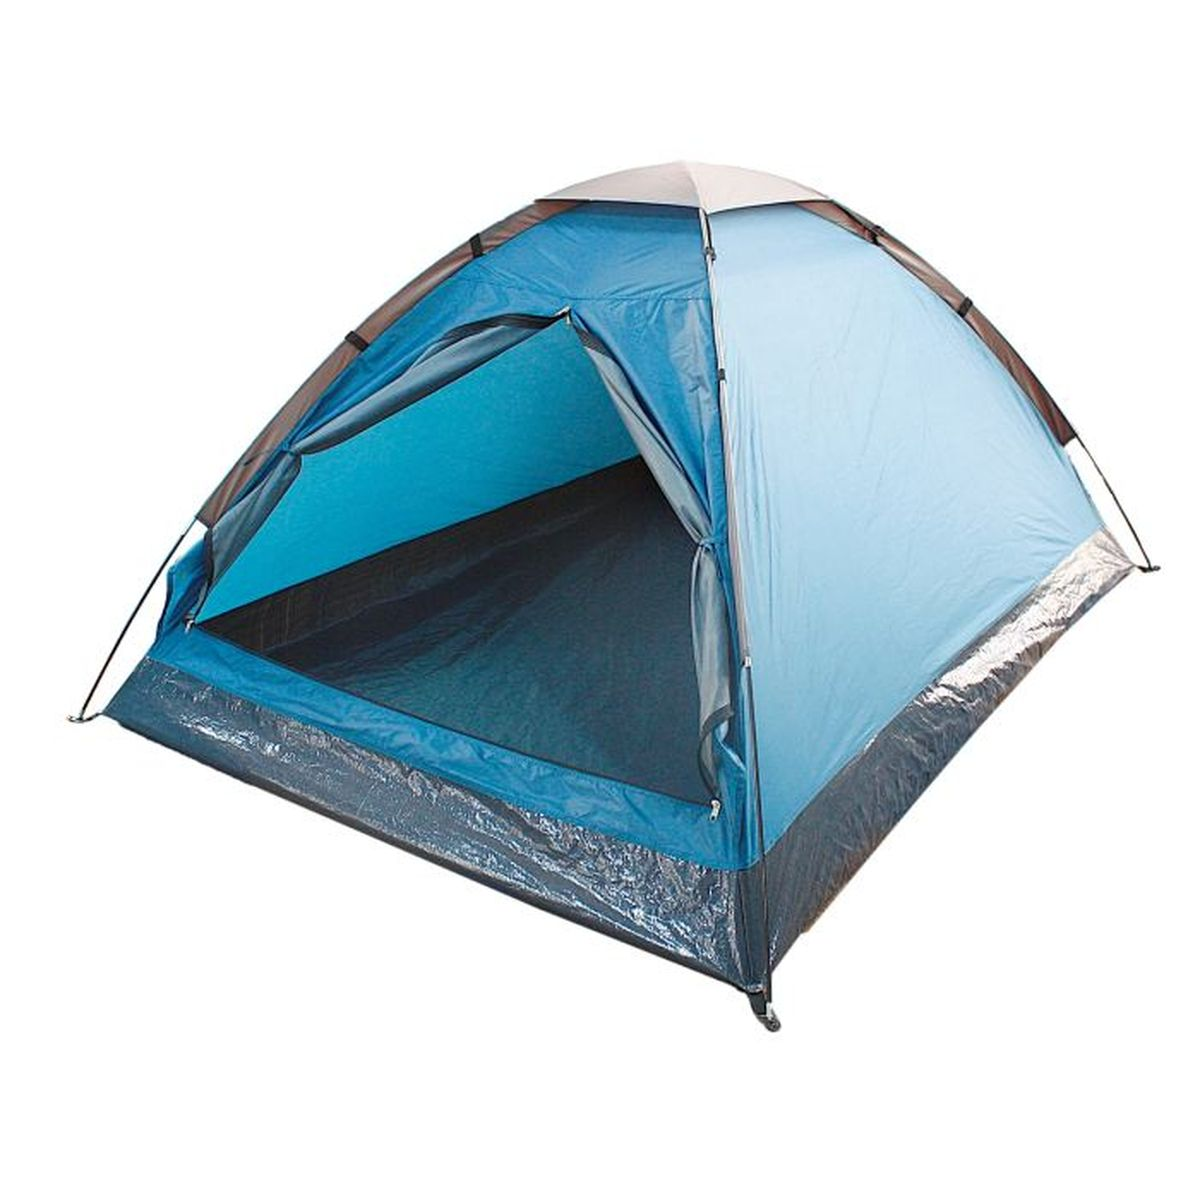 Палатка туристическая Onlitop SANDE 2, цвет: голубойAS009Если вы заядлый турист или просто любитель природы, вы хоть раз задумывались о ночёвке на свежем воздухе. Чтобы провести её с комфортом, вам понадобится отличная палатка, Она обеспечит безопасный досуг и защитит от непогоды и насекомых. Ткань рипстоп гарантирует длительную эксплуатацию палатки за счёт высокой прочности материала.